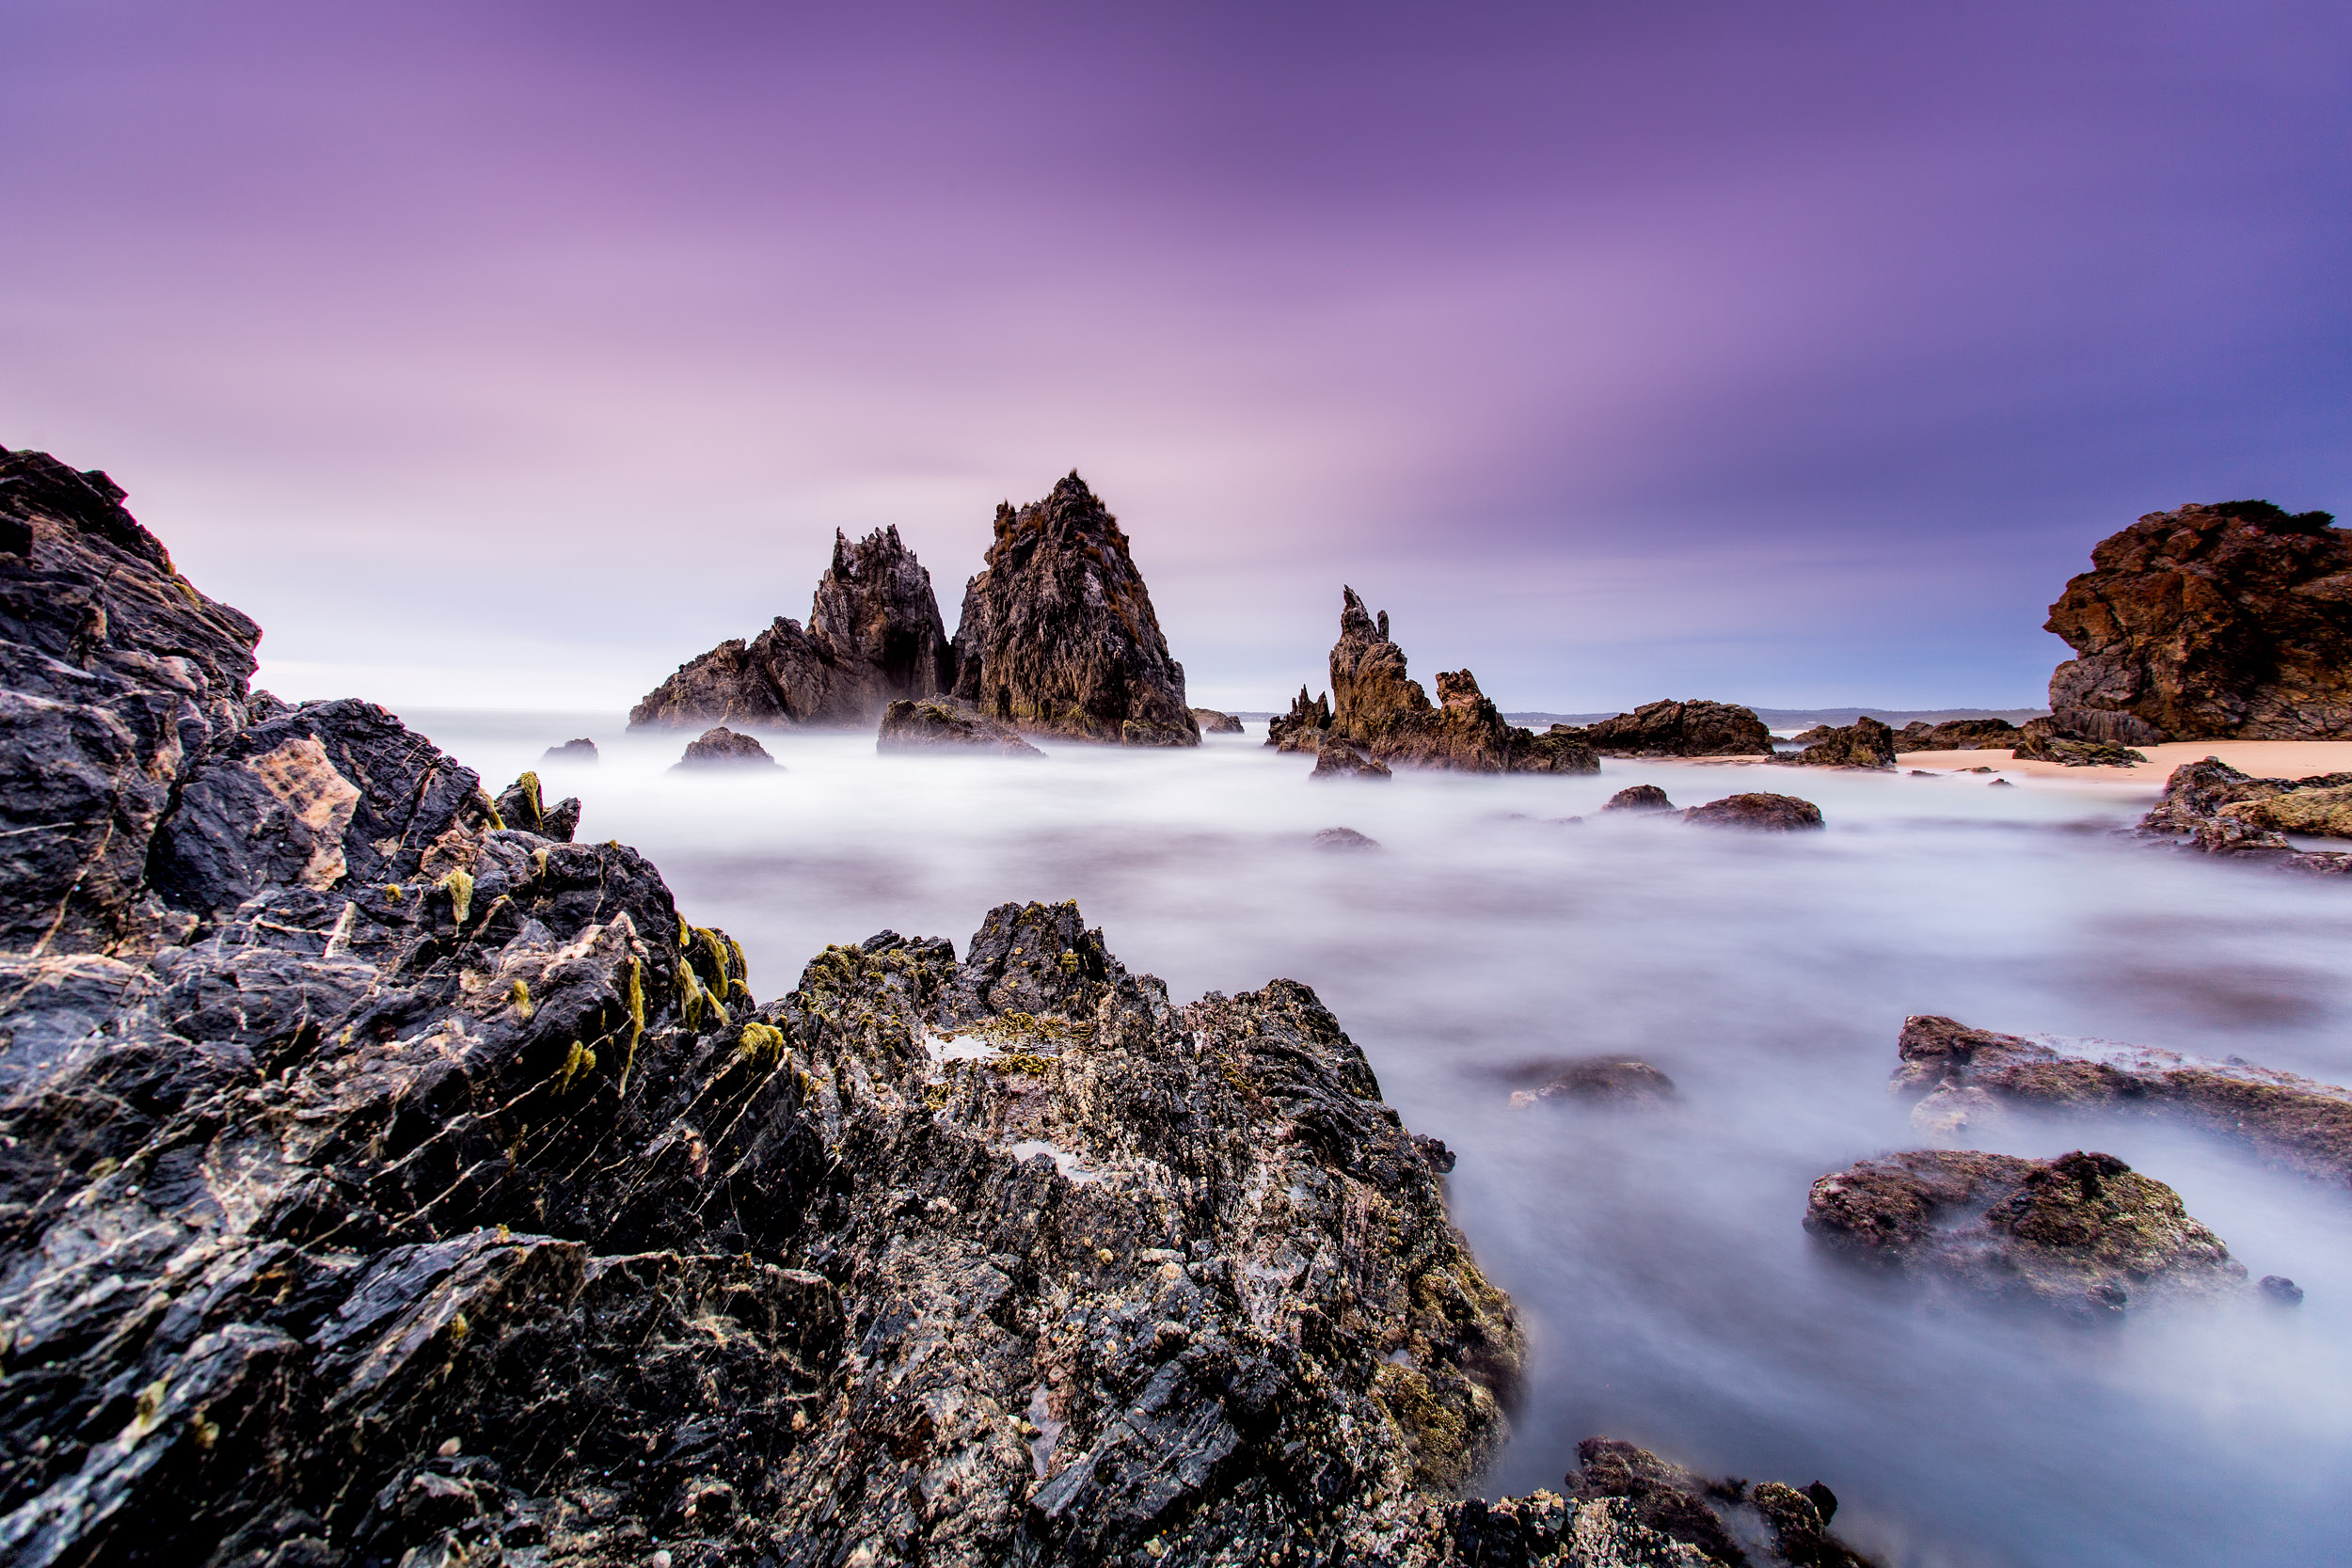 camel-rock-bermagui-south-coast-nsw.jpg